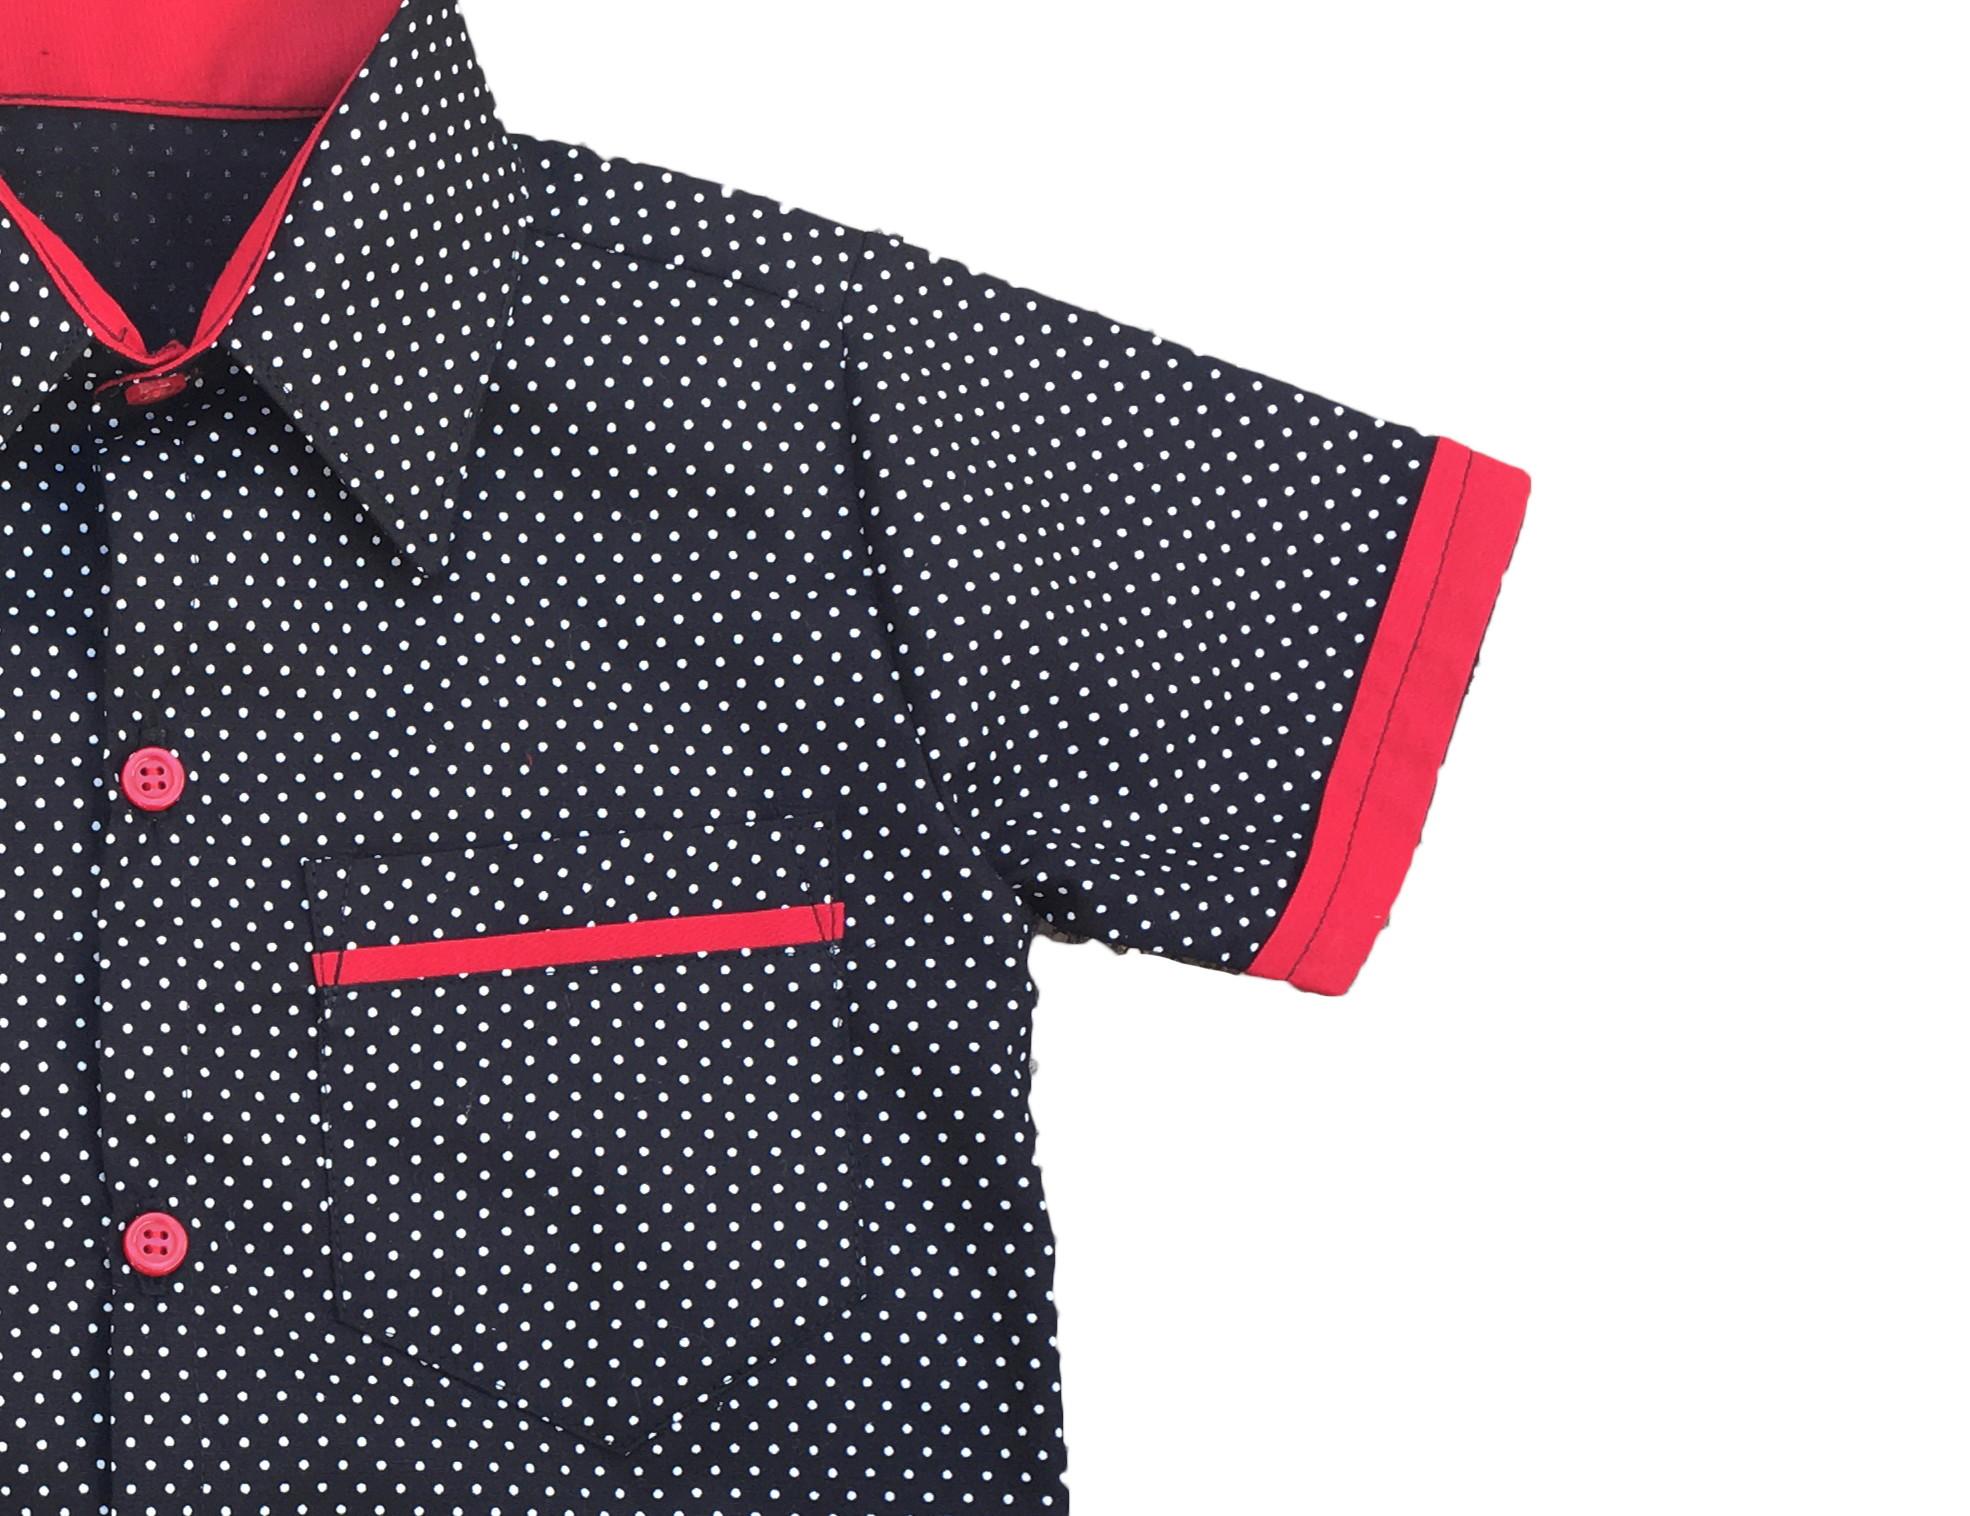 d68c0681e032f Camisa Social Infantil com Bolso no Elo7   Mio Bambino Roupas (C309FD)